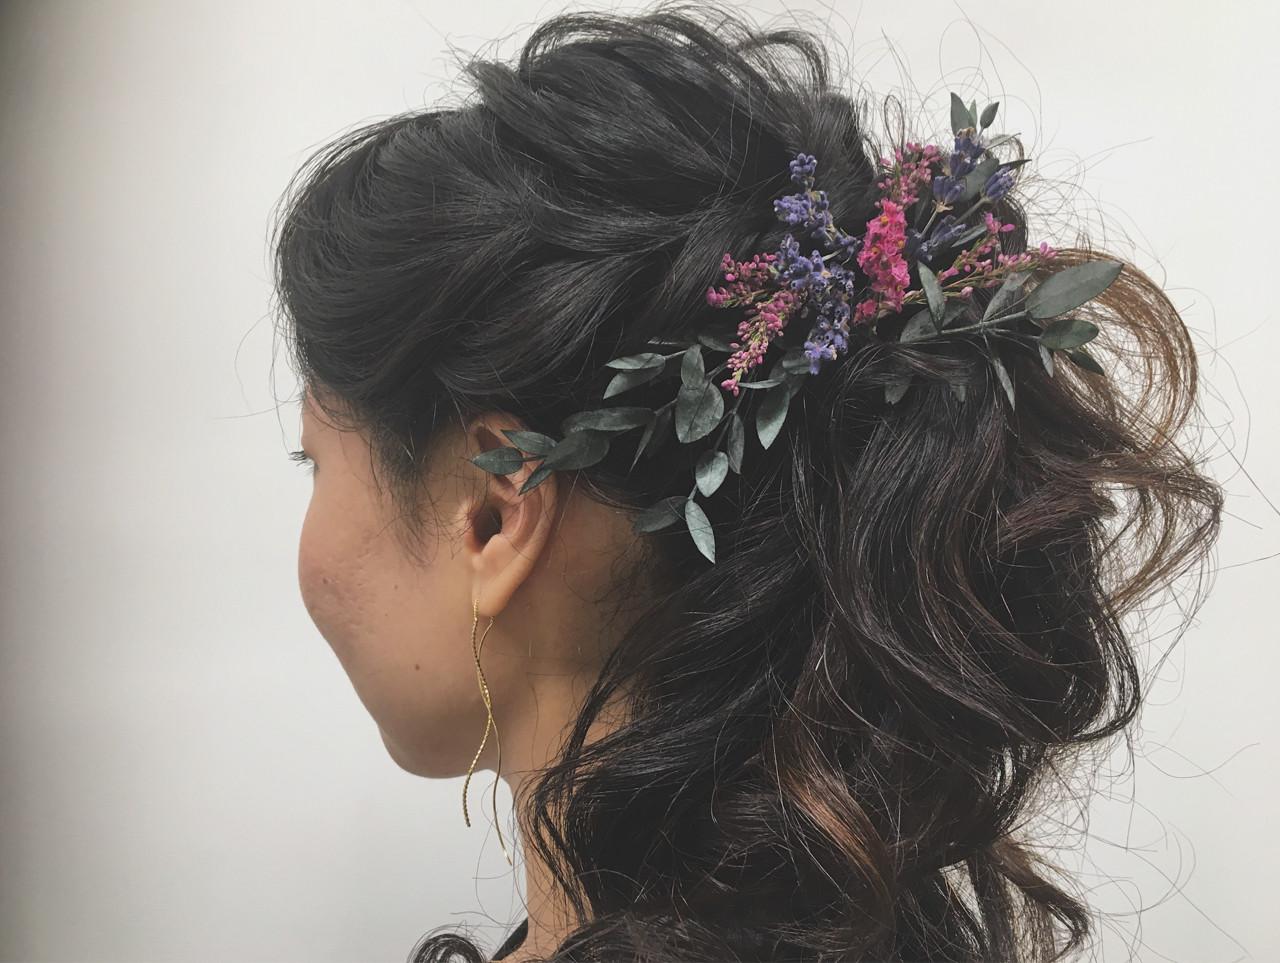 パーティ ヘアアレンジ エレガント 黒髪 ヘアスタイルや髪型の写真・画像 | minami.o / CERISIER7